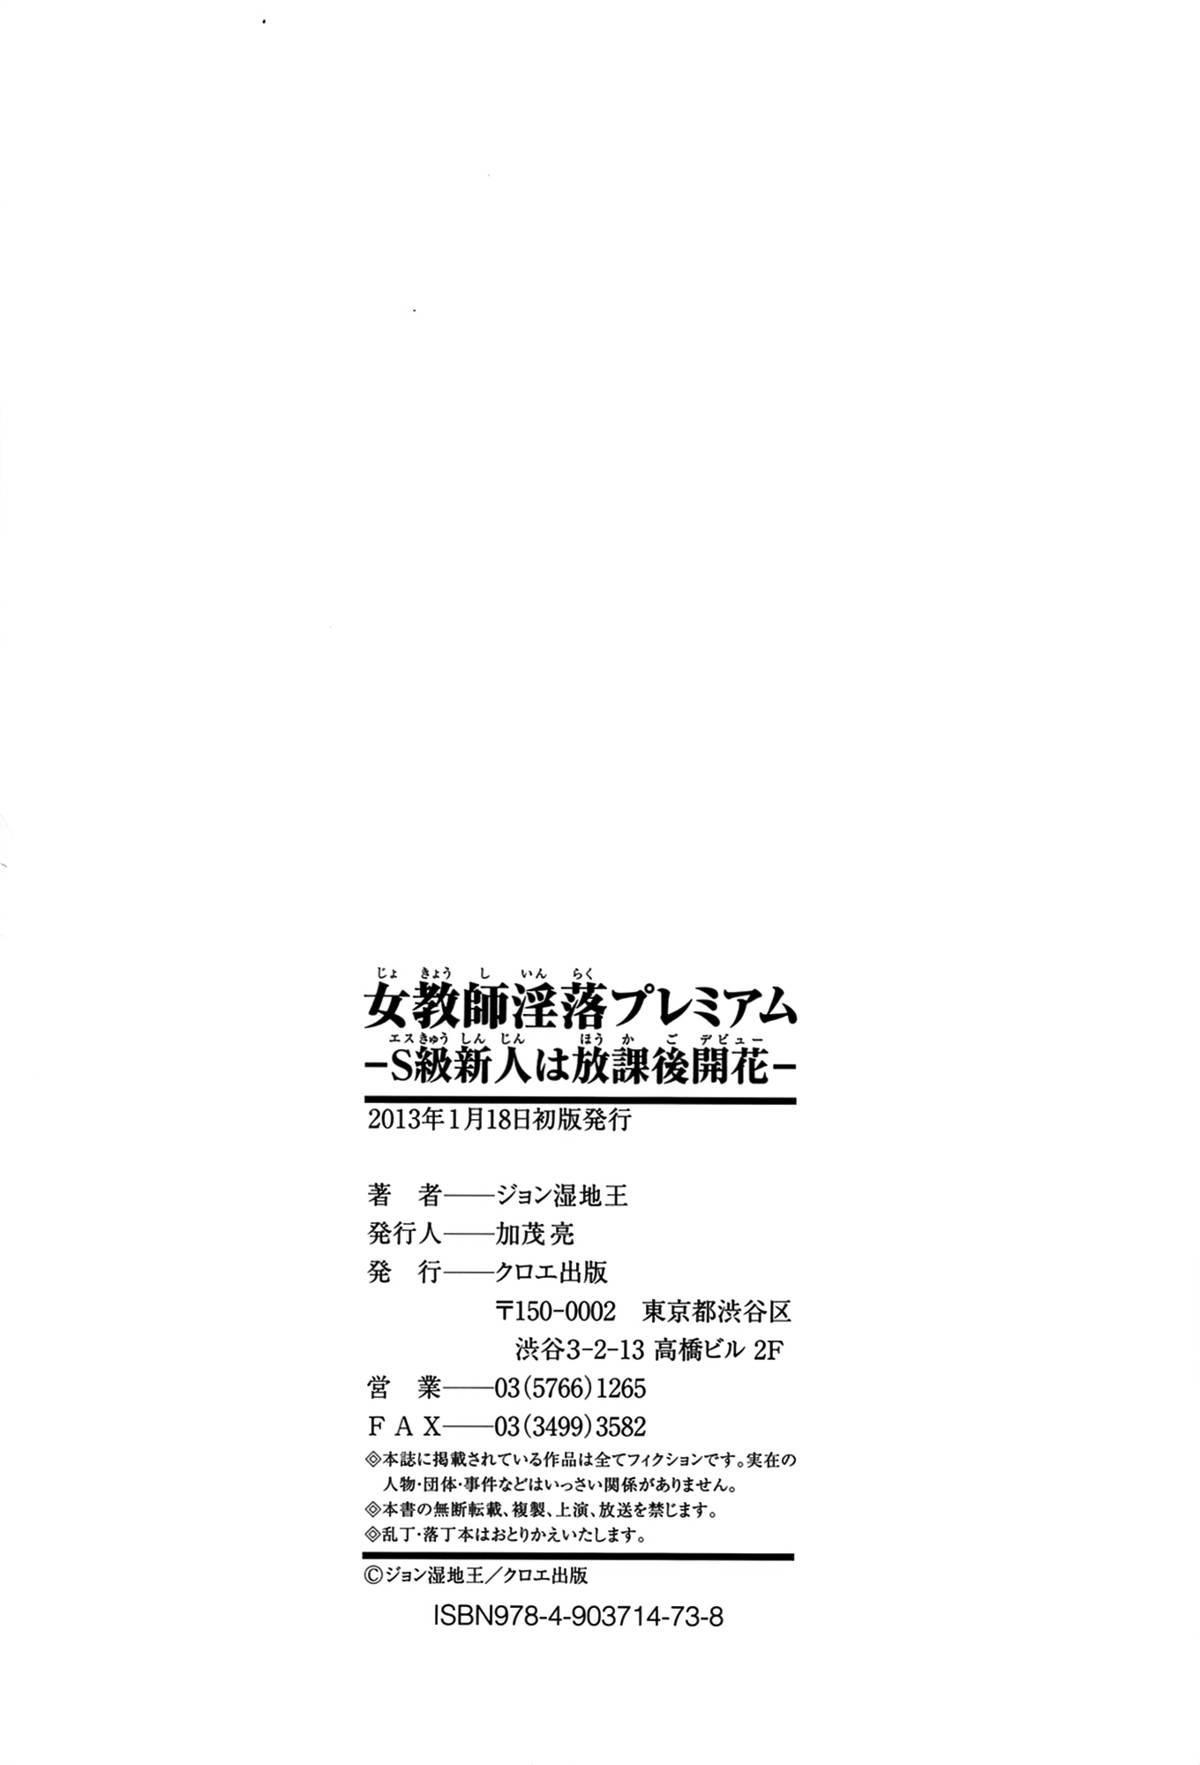 Onnakyoushi Inraku Premium 225